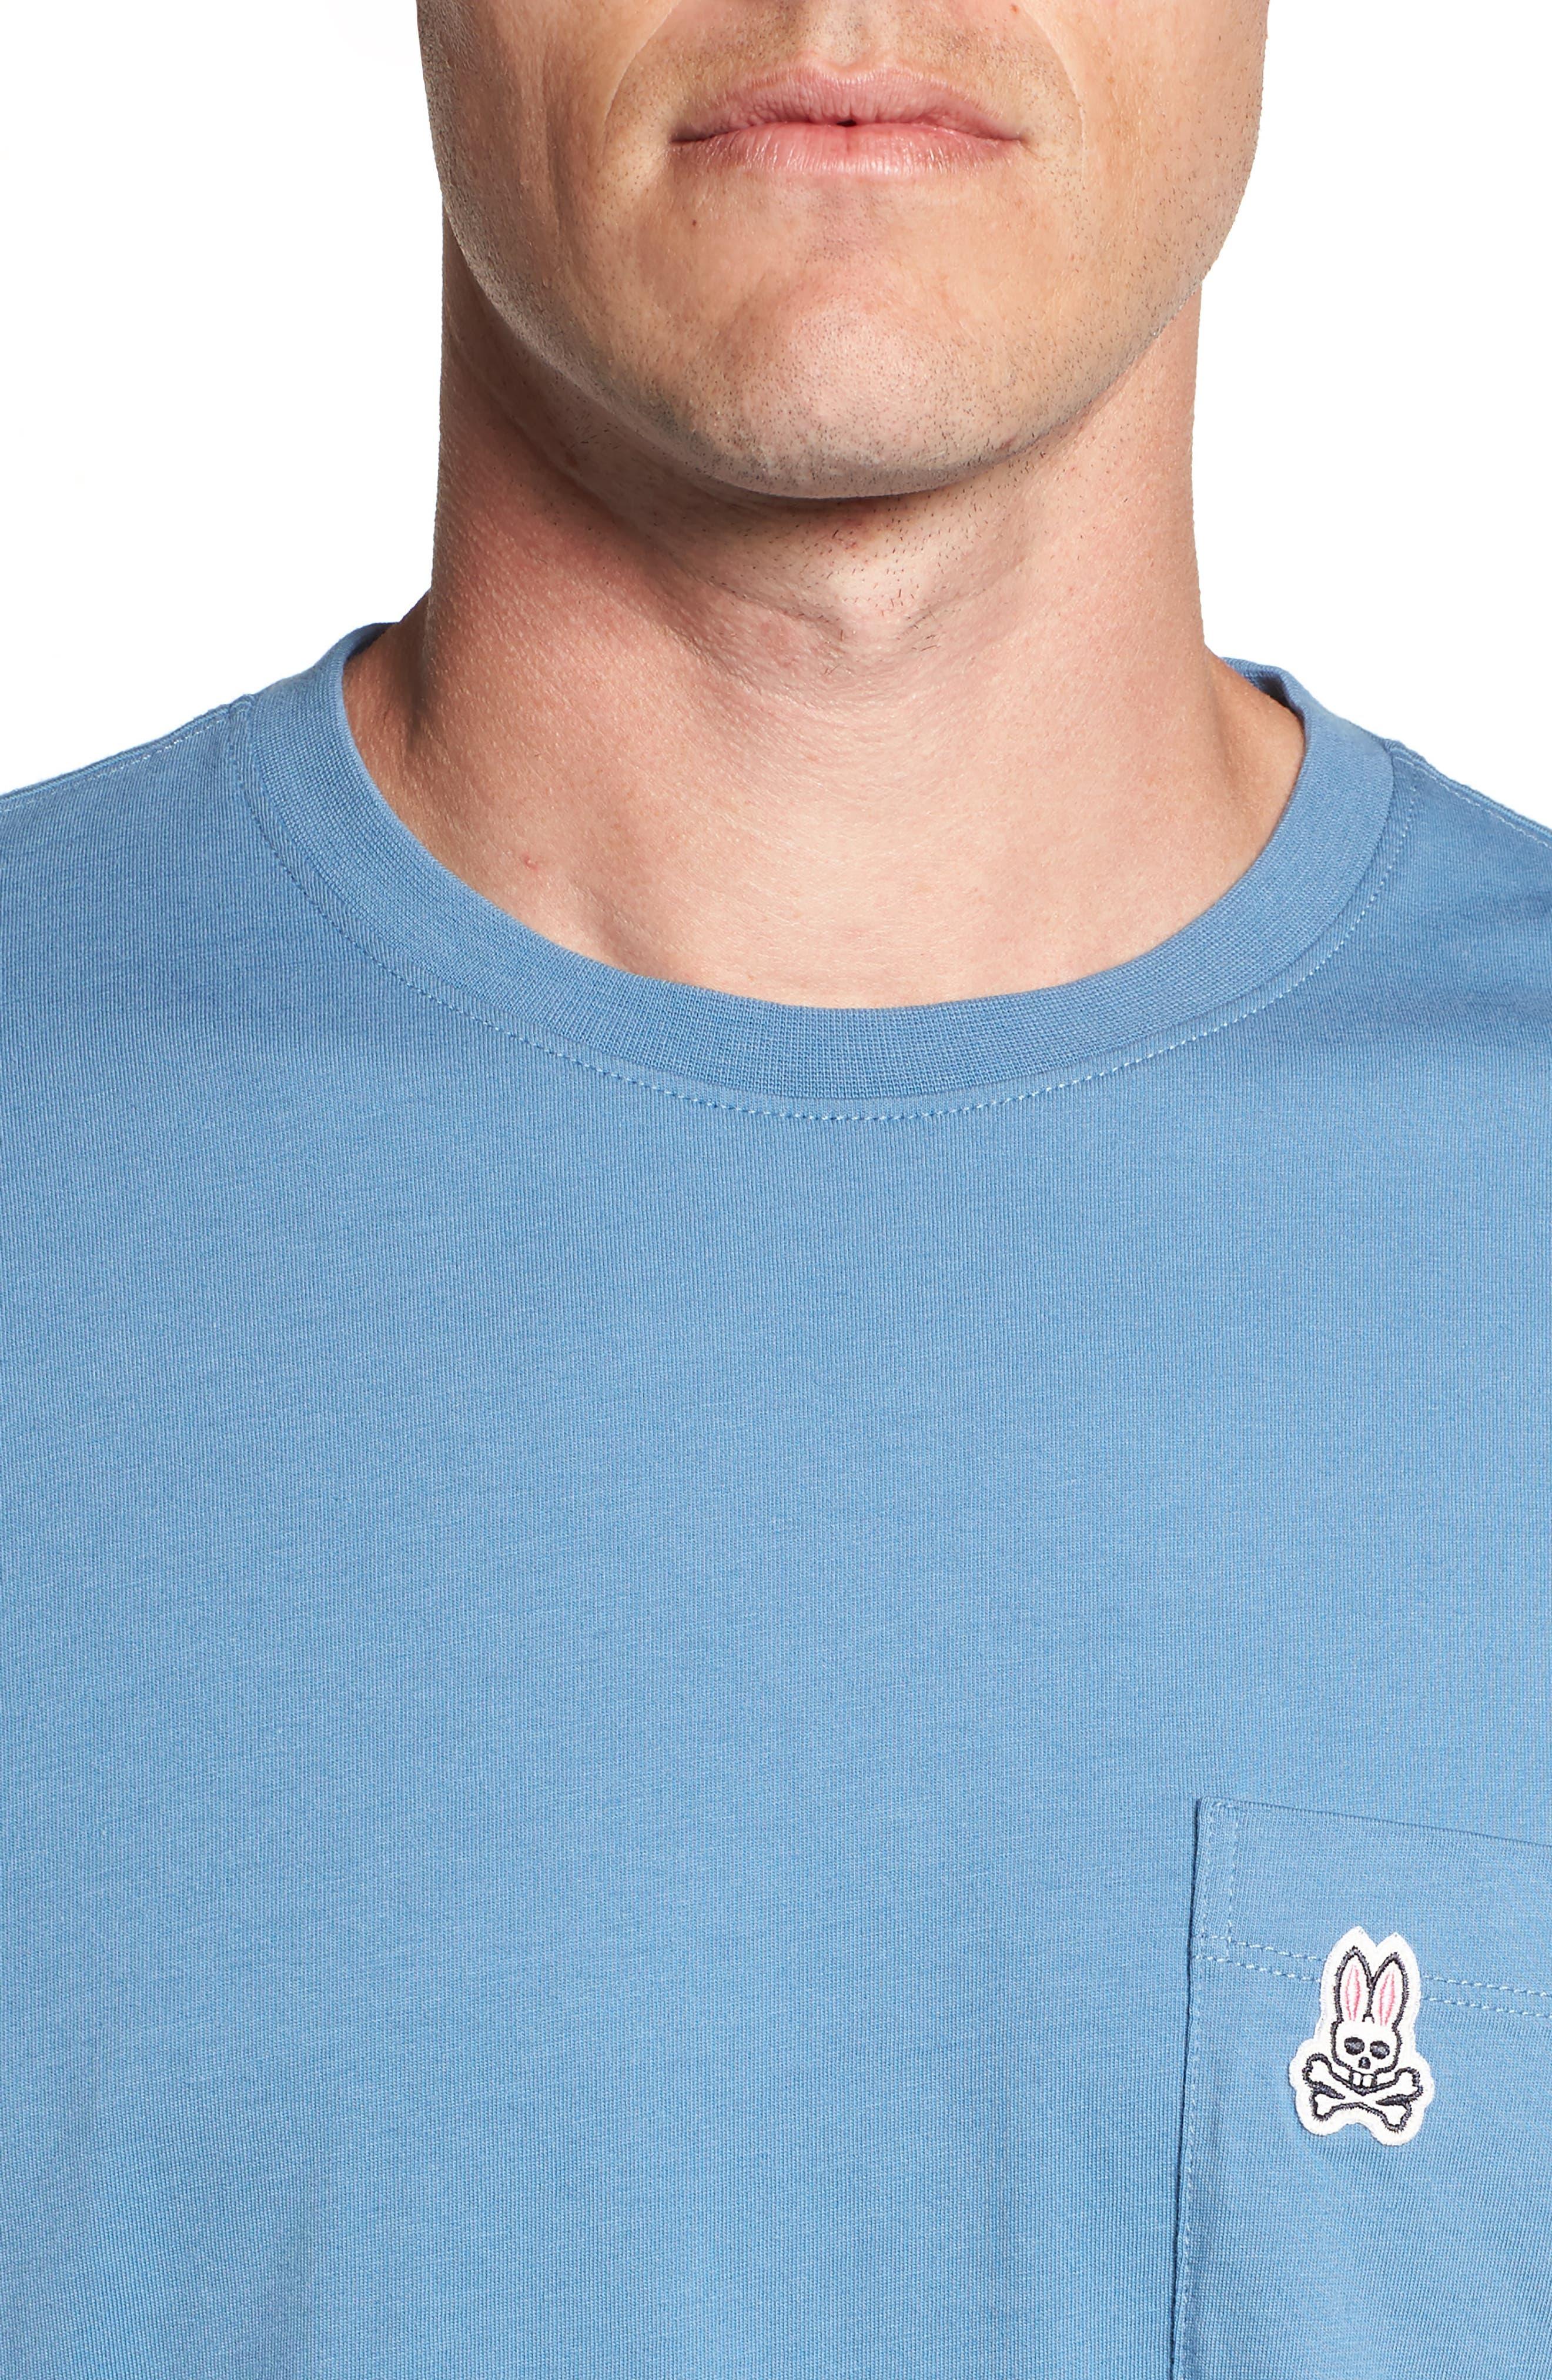 Appliqué Pocket T-Shirt,                             Alternate thumbnail 4, color,                             476